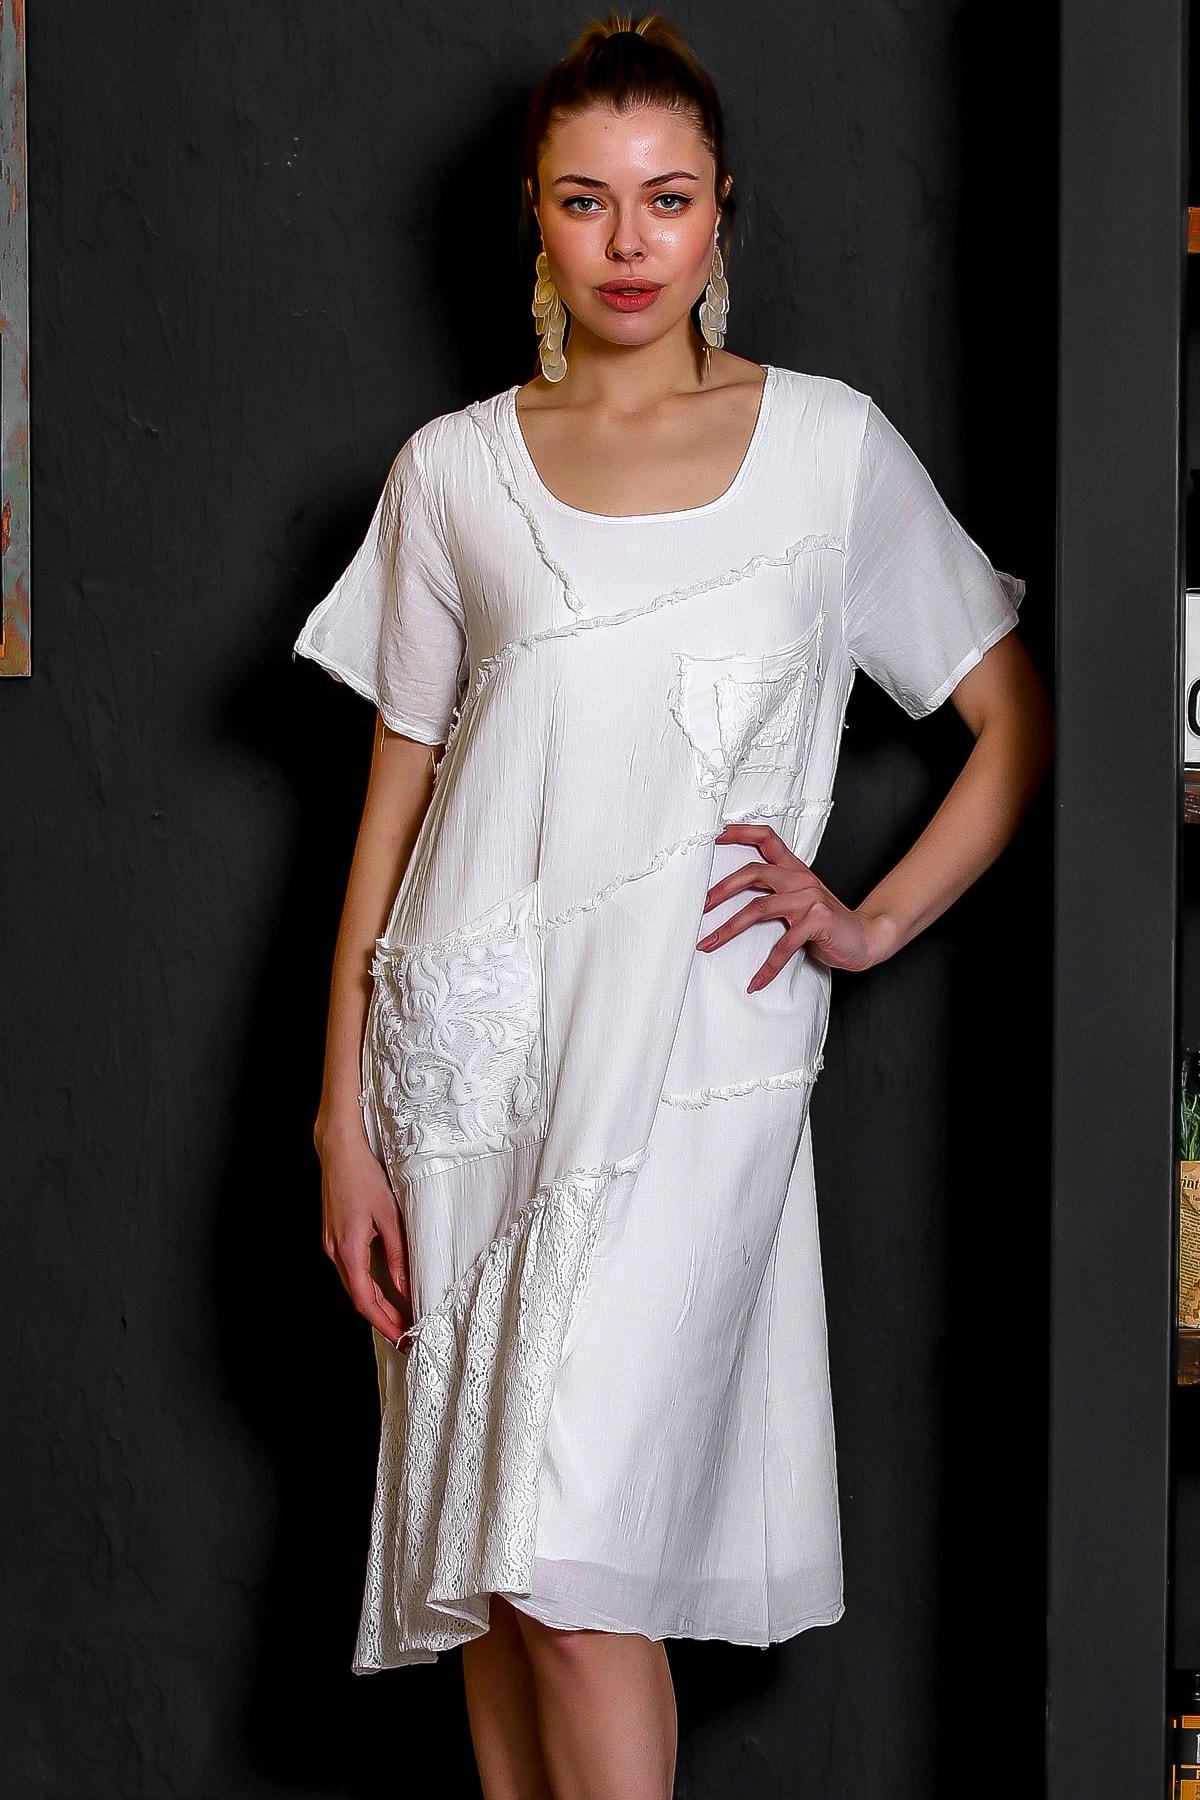 Chiccy Kadın Beyaz Sıfır Yaka Dantel Bloklu Cepli Astarlı Yıkamalı Elbise M10160000EL95294 1